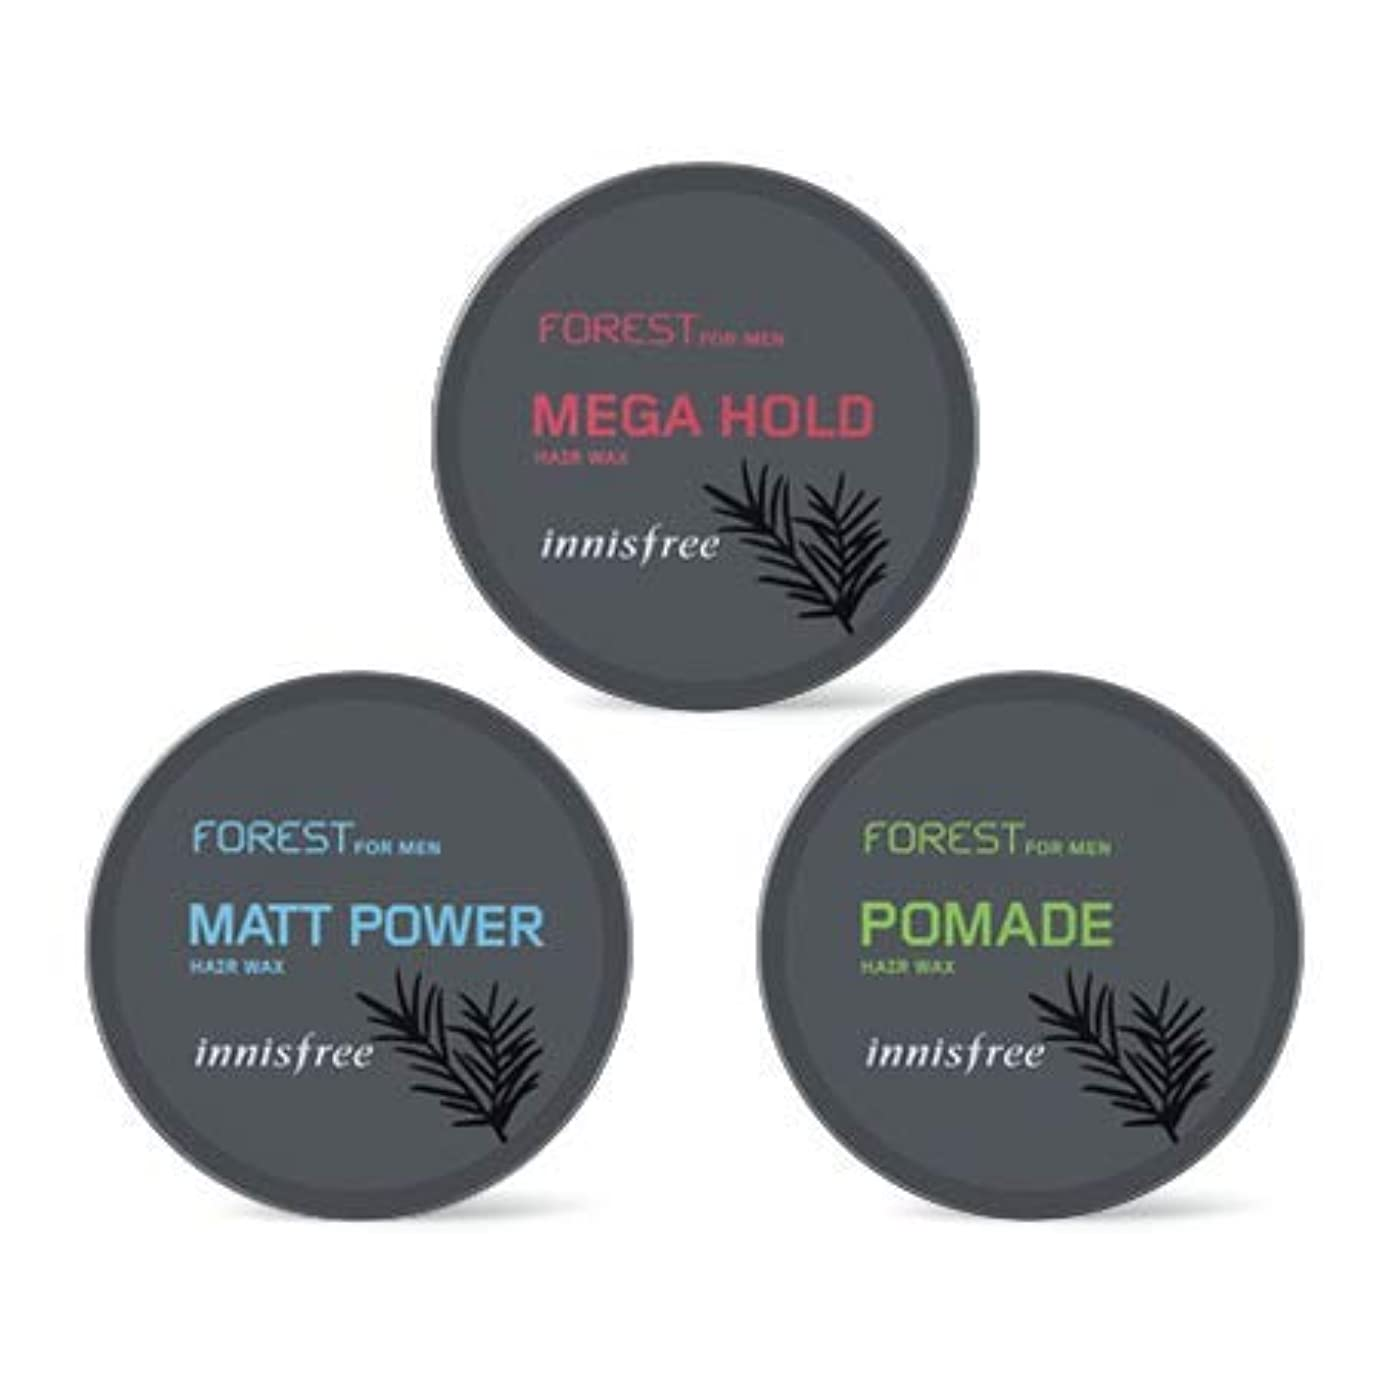 時系列製作炎上[イニスフリー.INNISFREE](公式)フォレストフォアマンヘアワックス(3種)/ Forest For Men Hair Wax(60G、3 kind) (# mega hold)